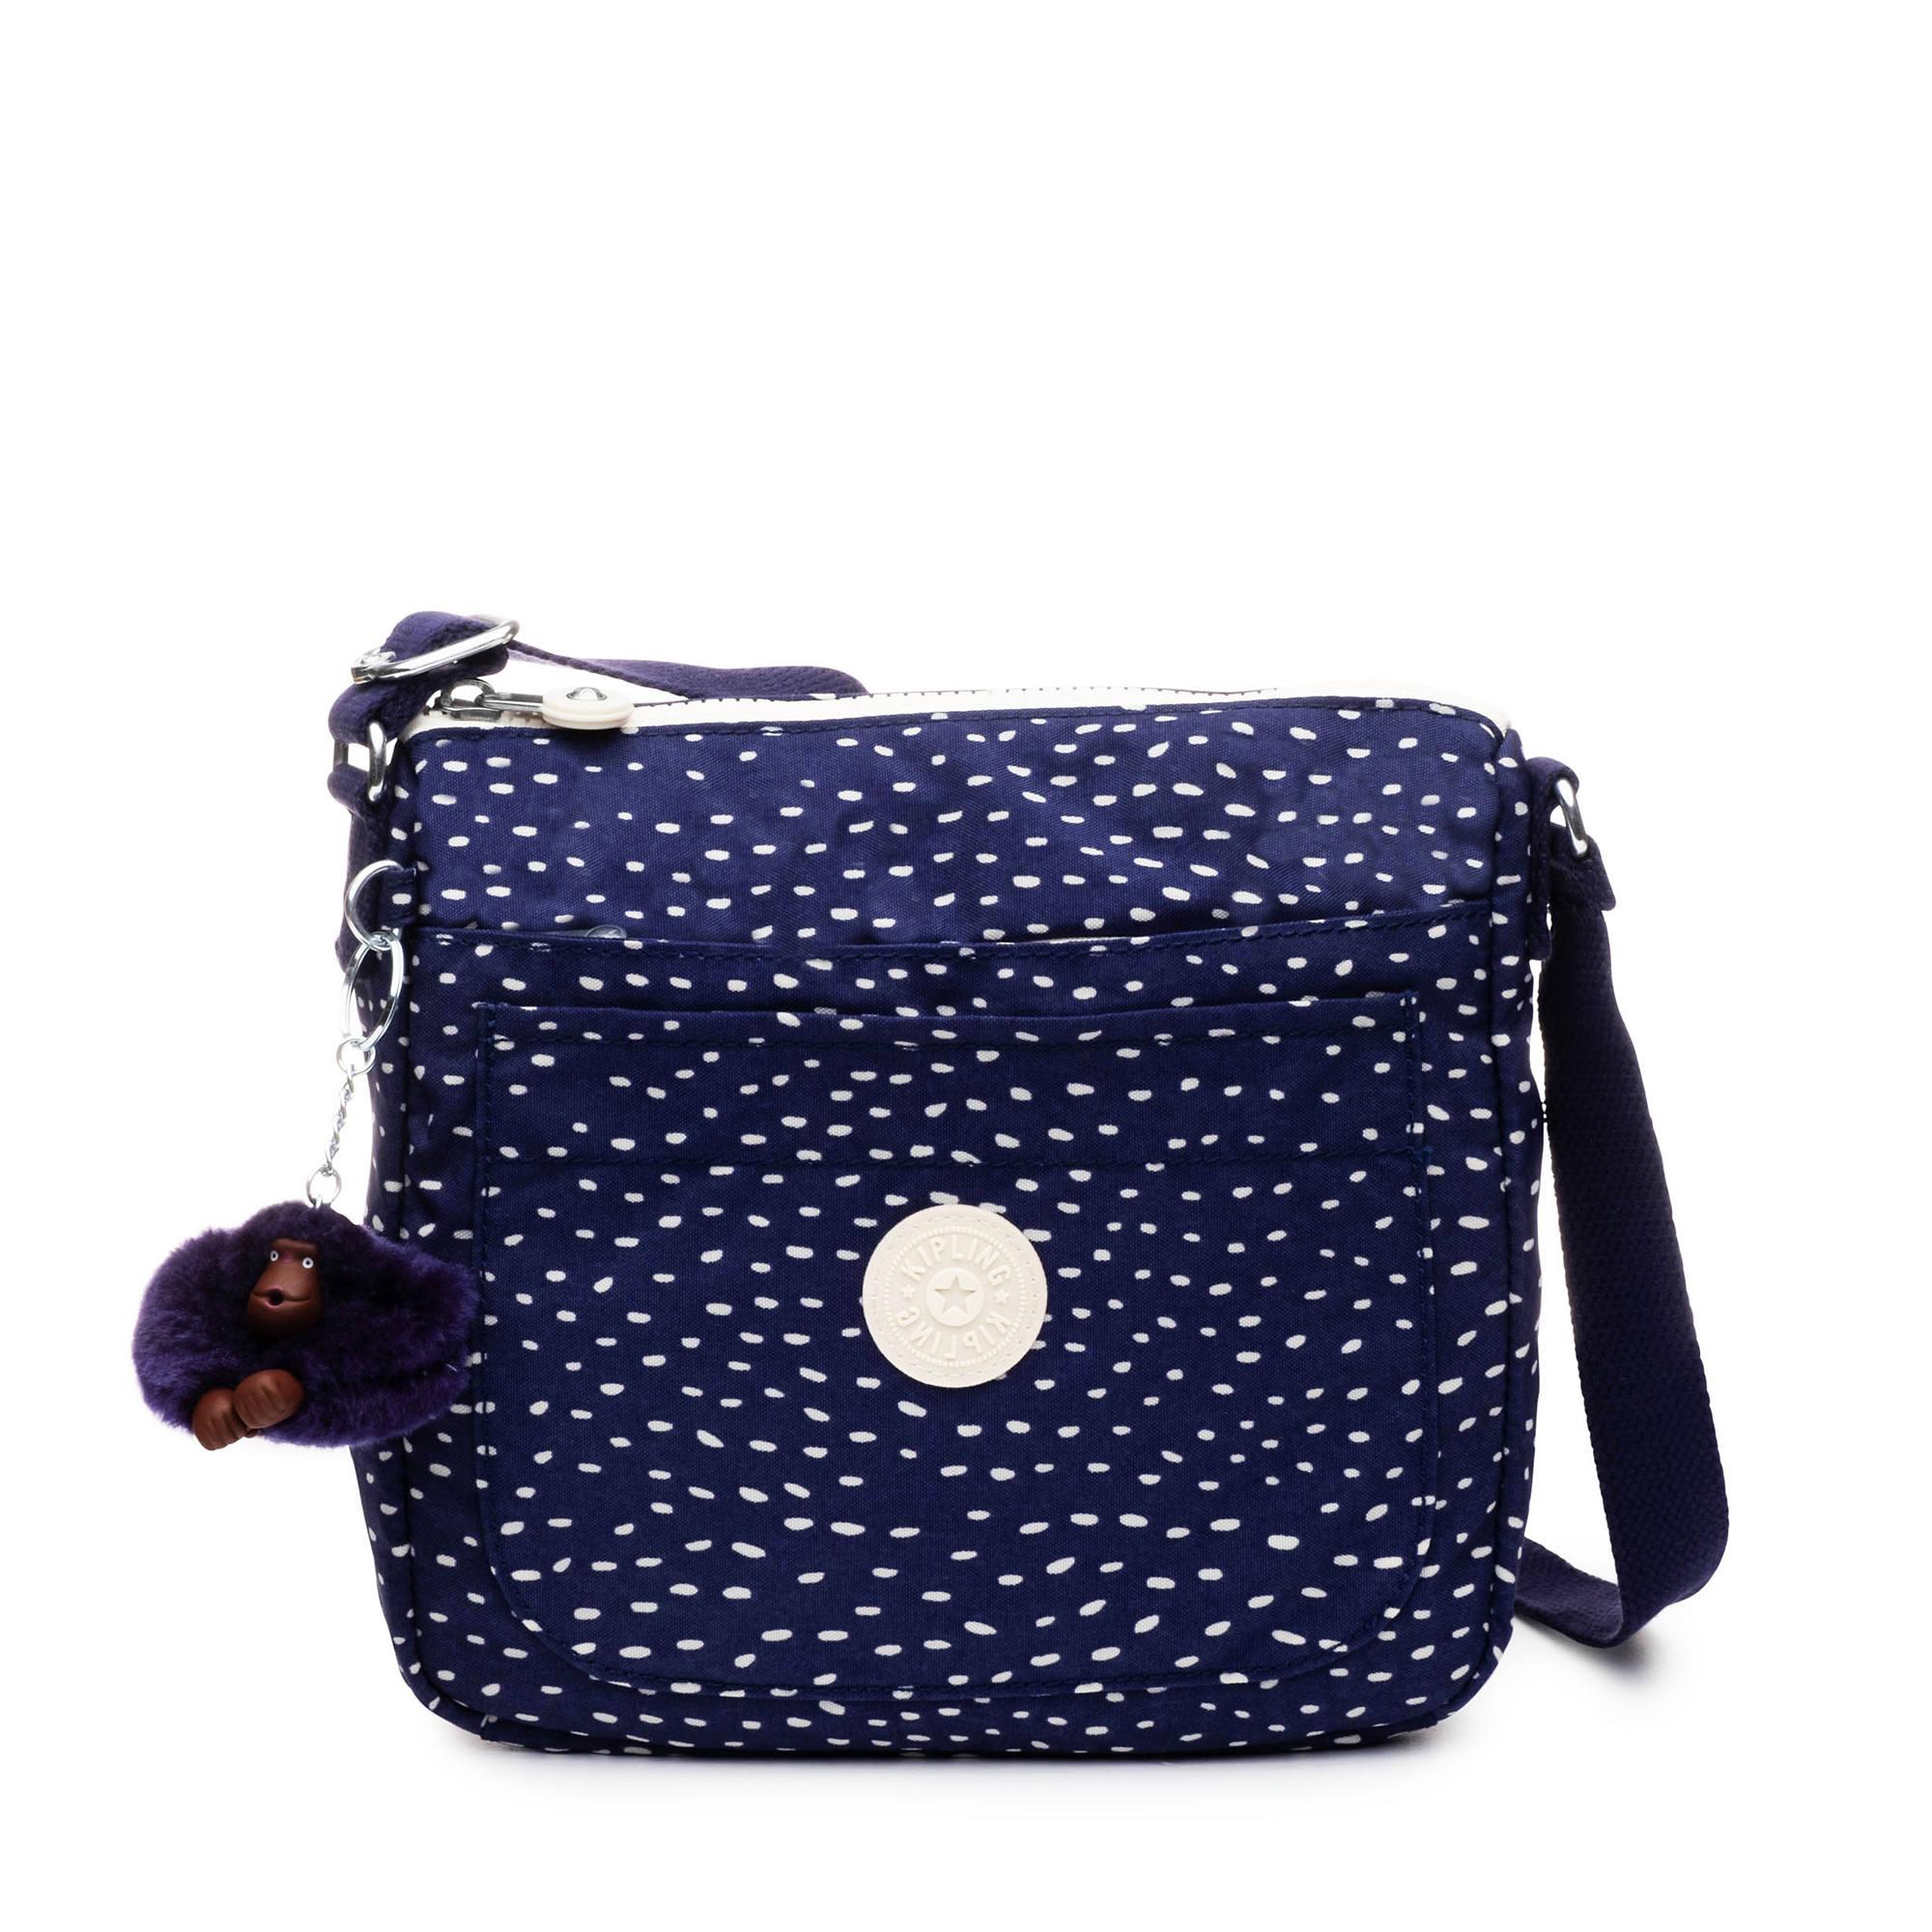 19687ca54c8 Sebastian Printed Crossbody Bag,Surreal Dot,large